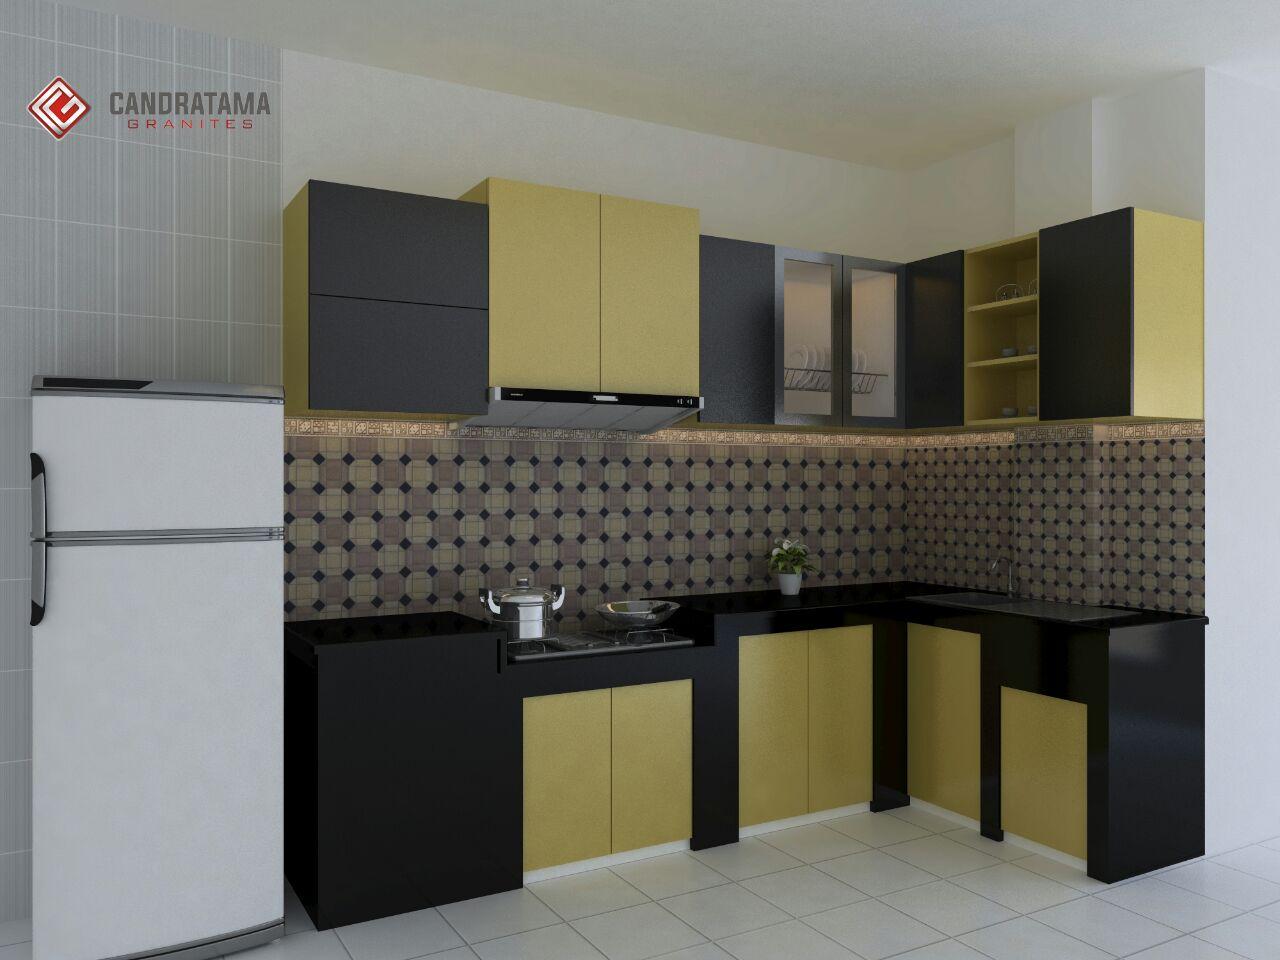 Ruangan Kitchen set - Jasa Desain Kitchen set Jombang